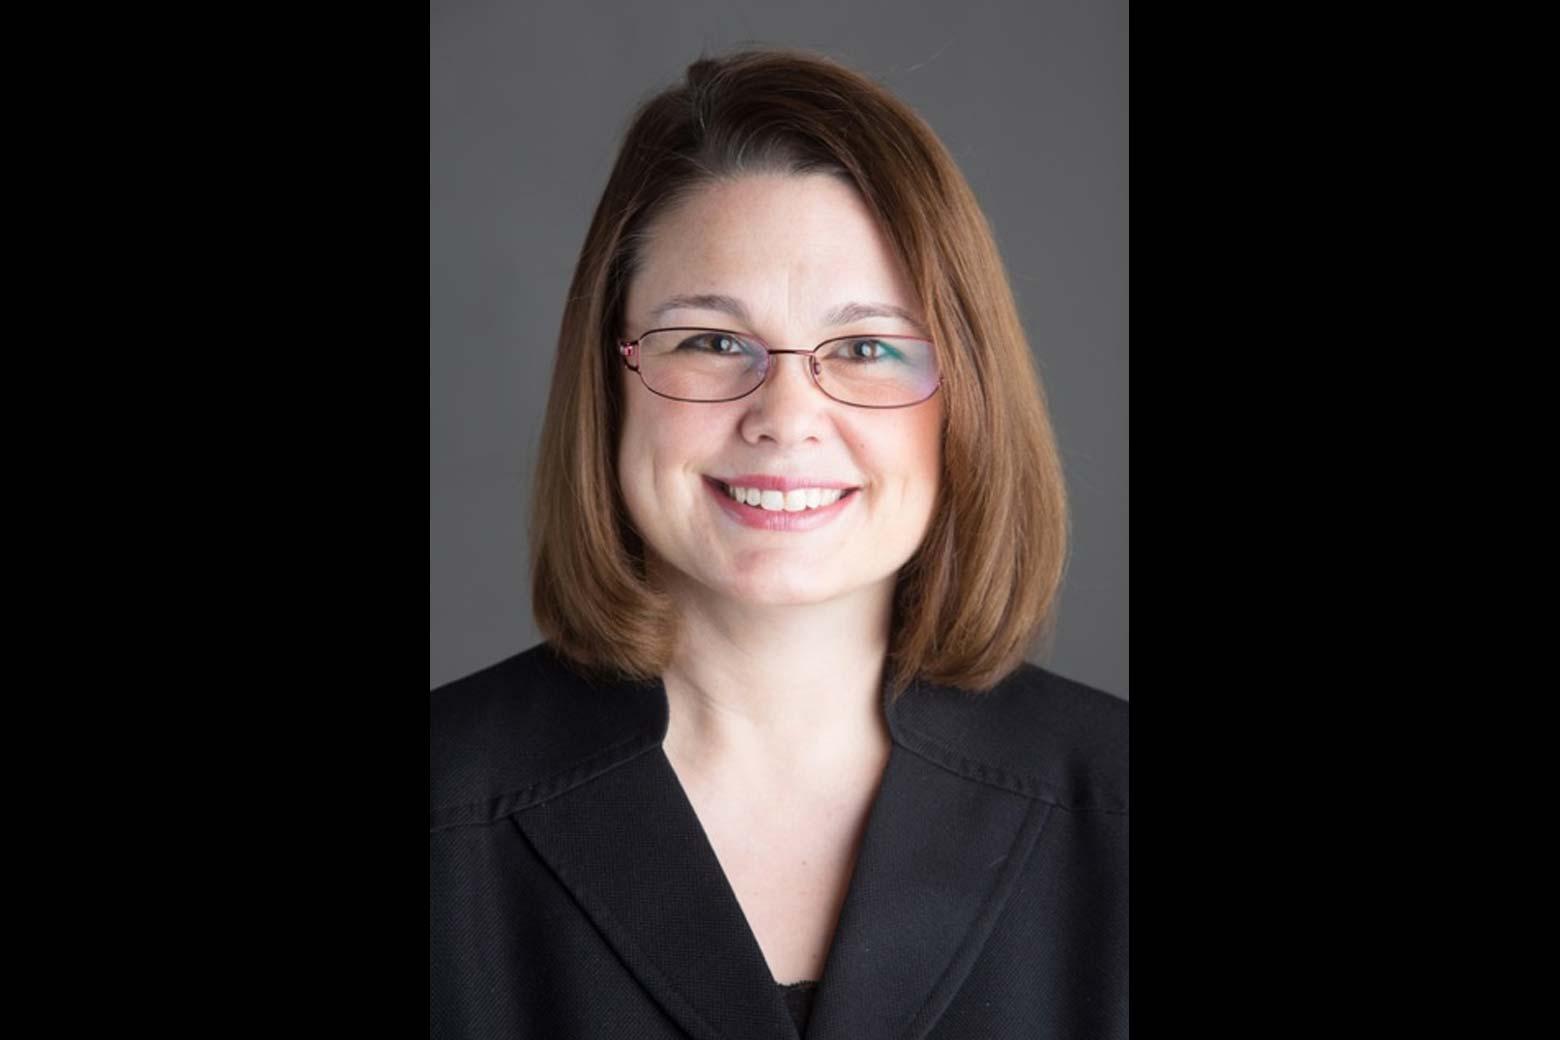 State Sen. Sara Gelser